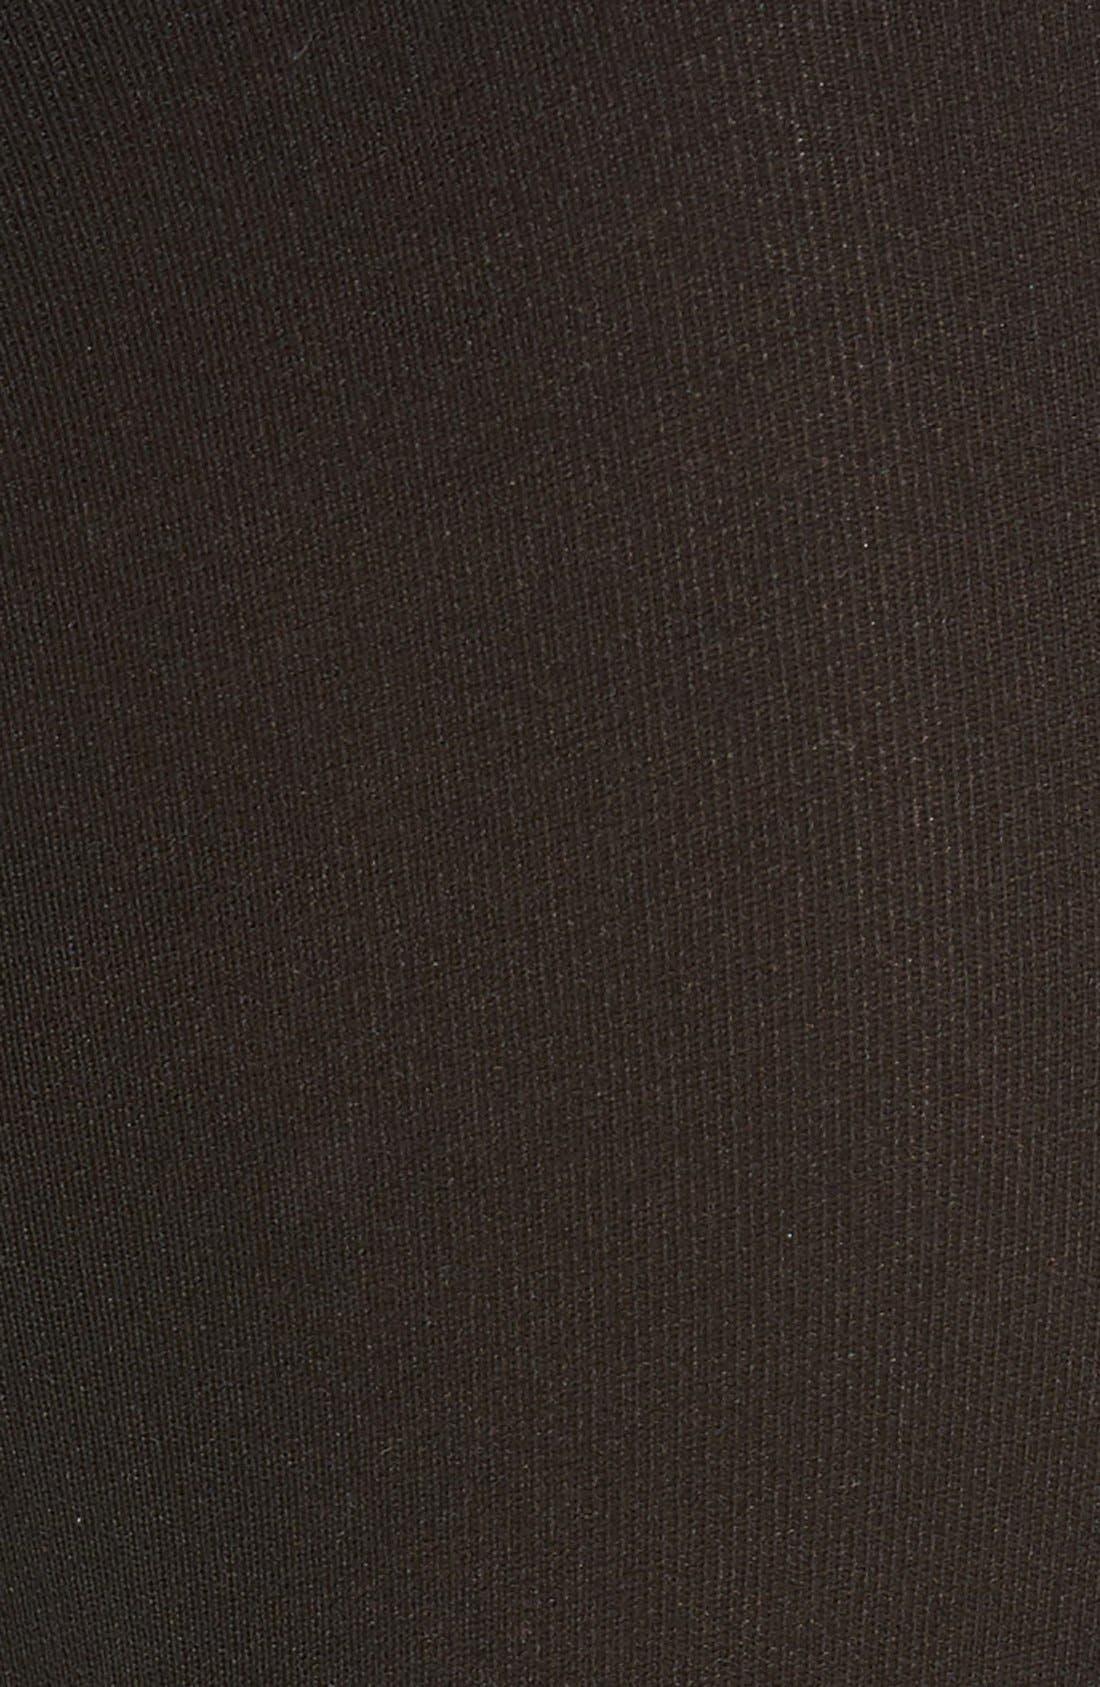 Alternate Image 2  - Wolford Velvet 66 Shaping Tights